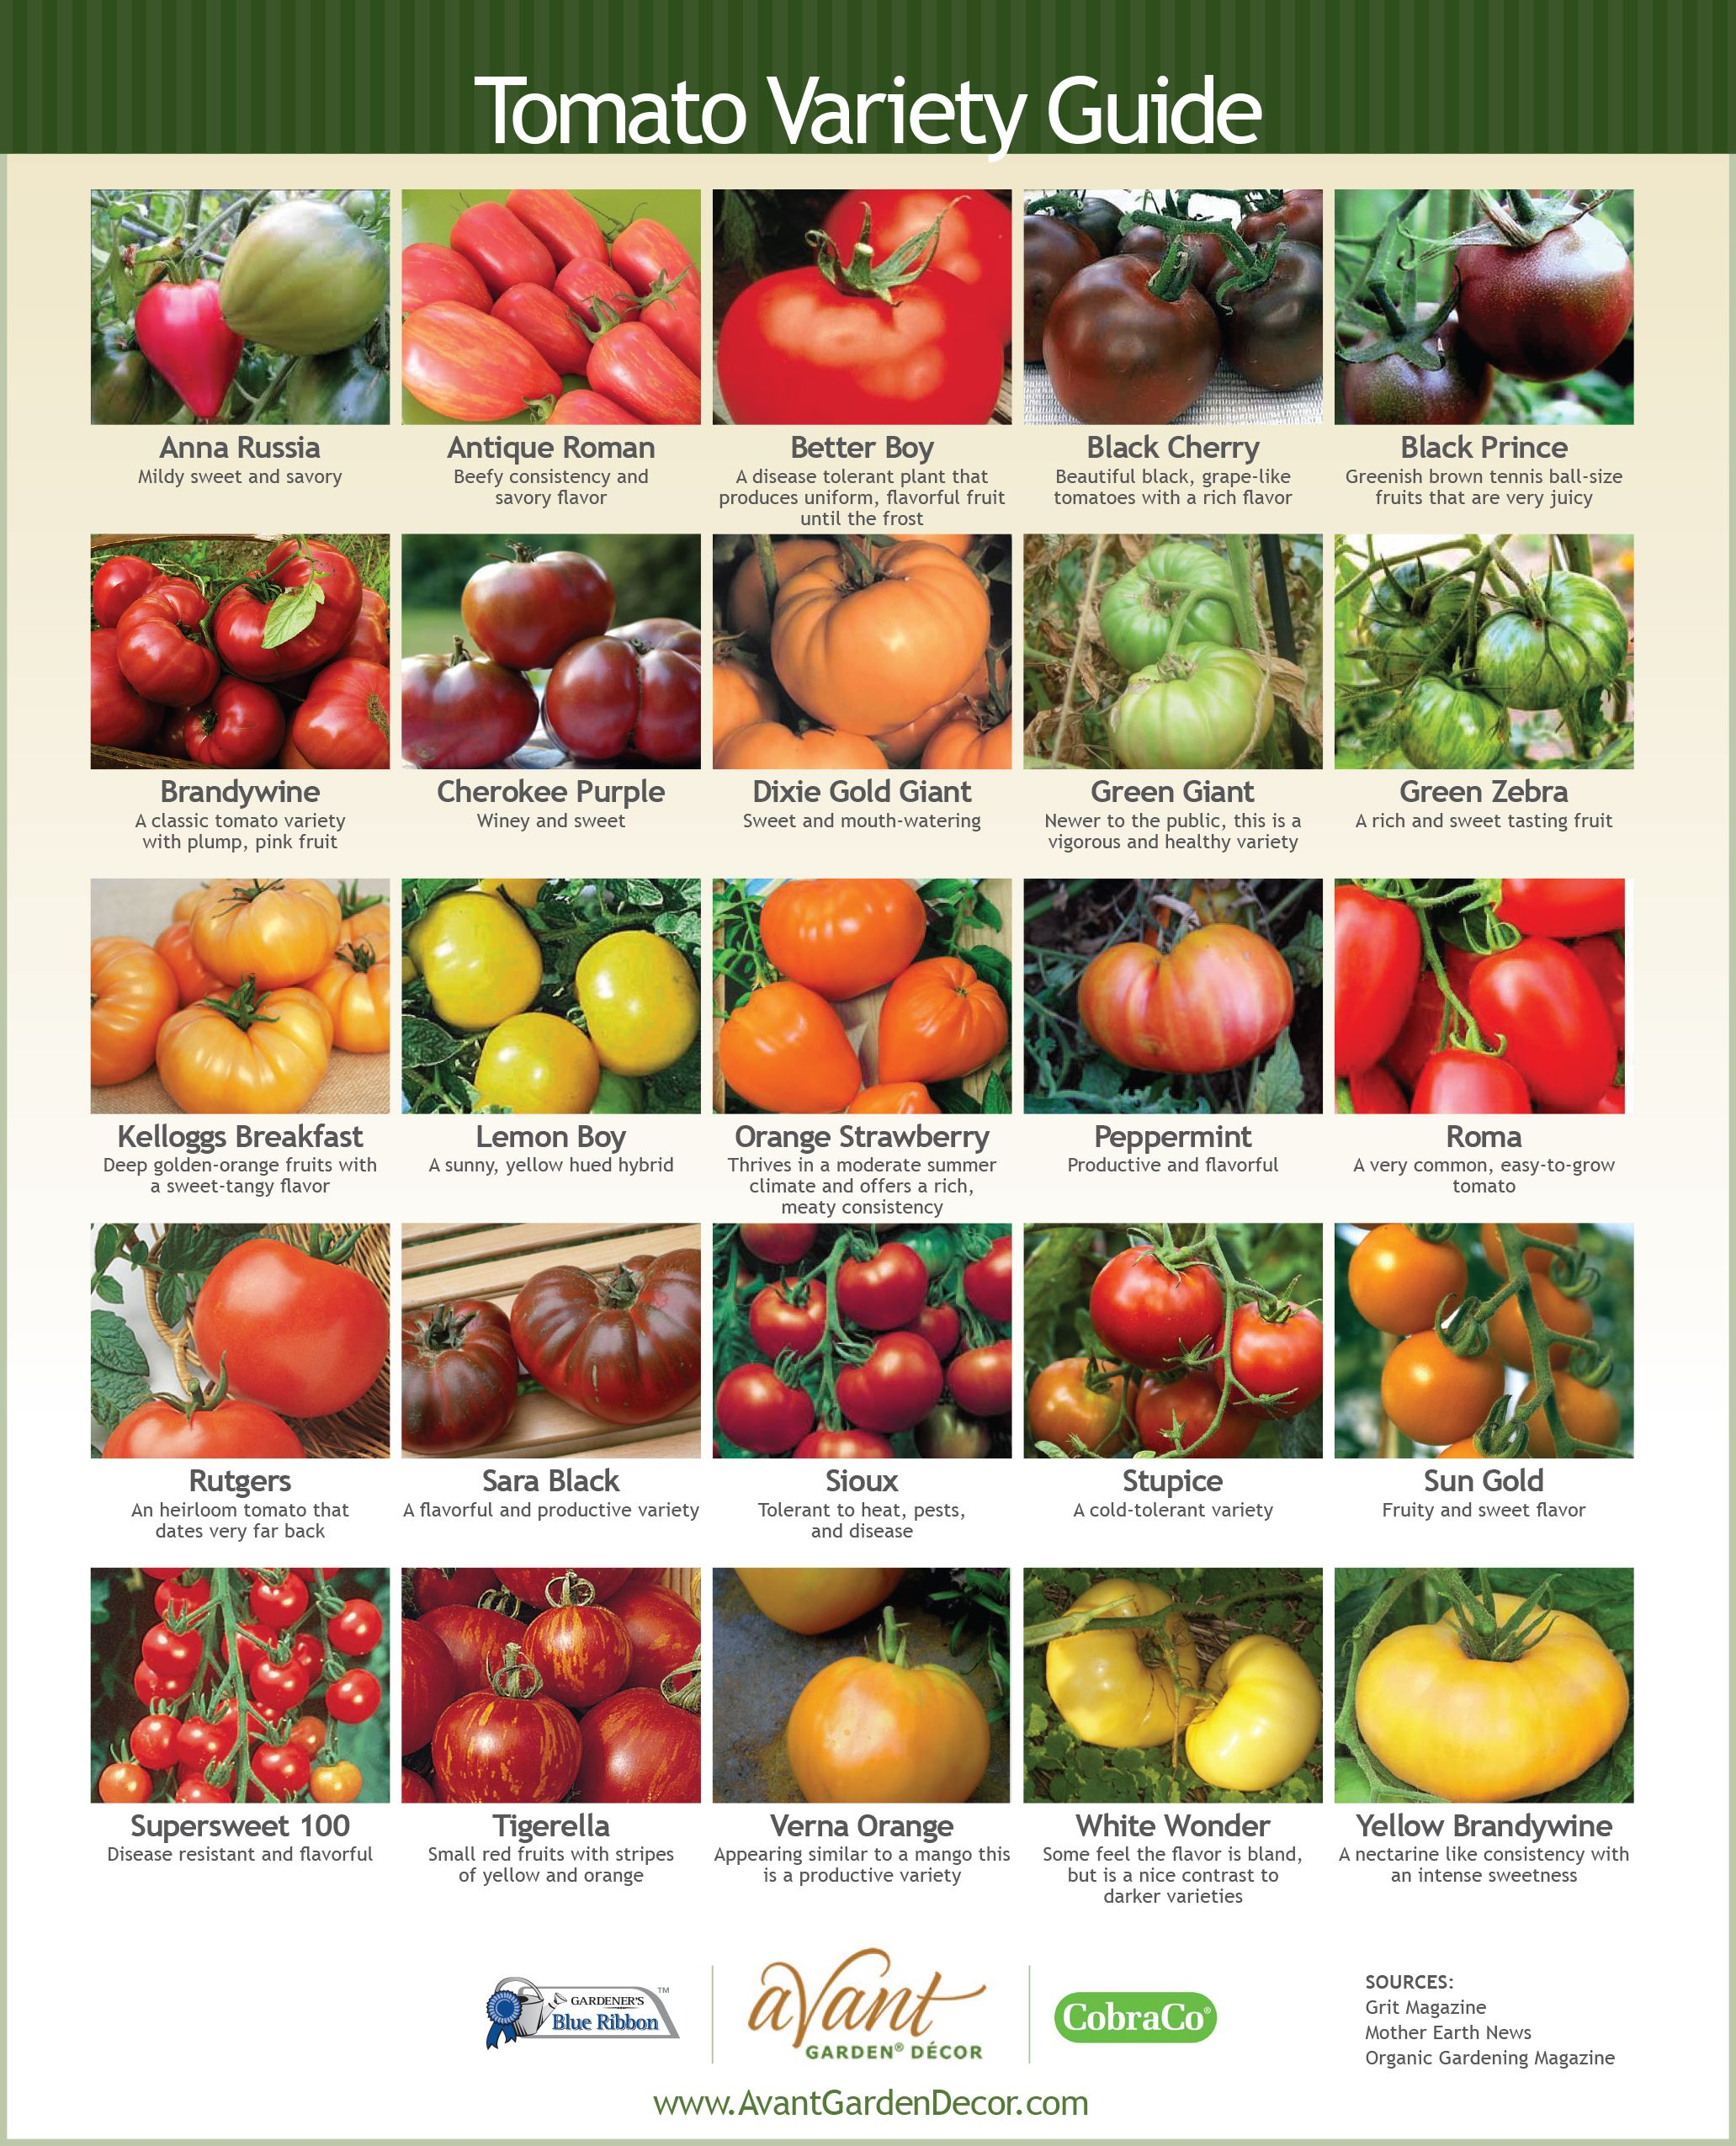 Tomato Varieties Our Favorite Of The 7 500 Varieties 400 x 300